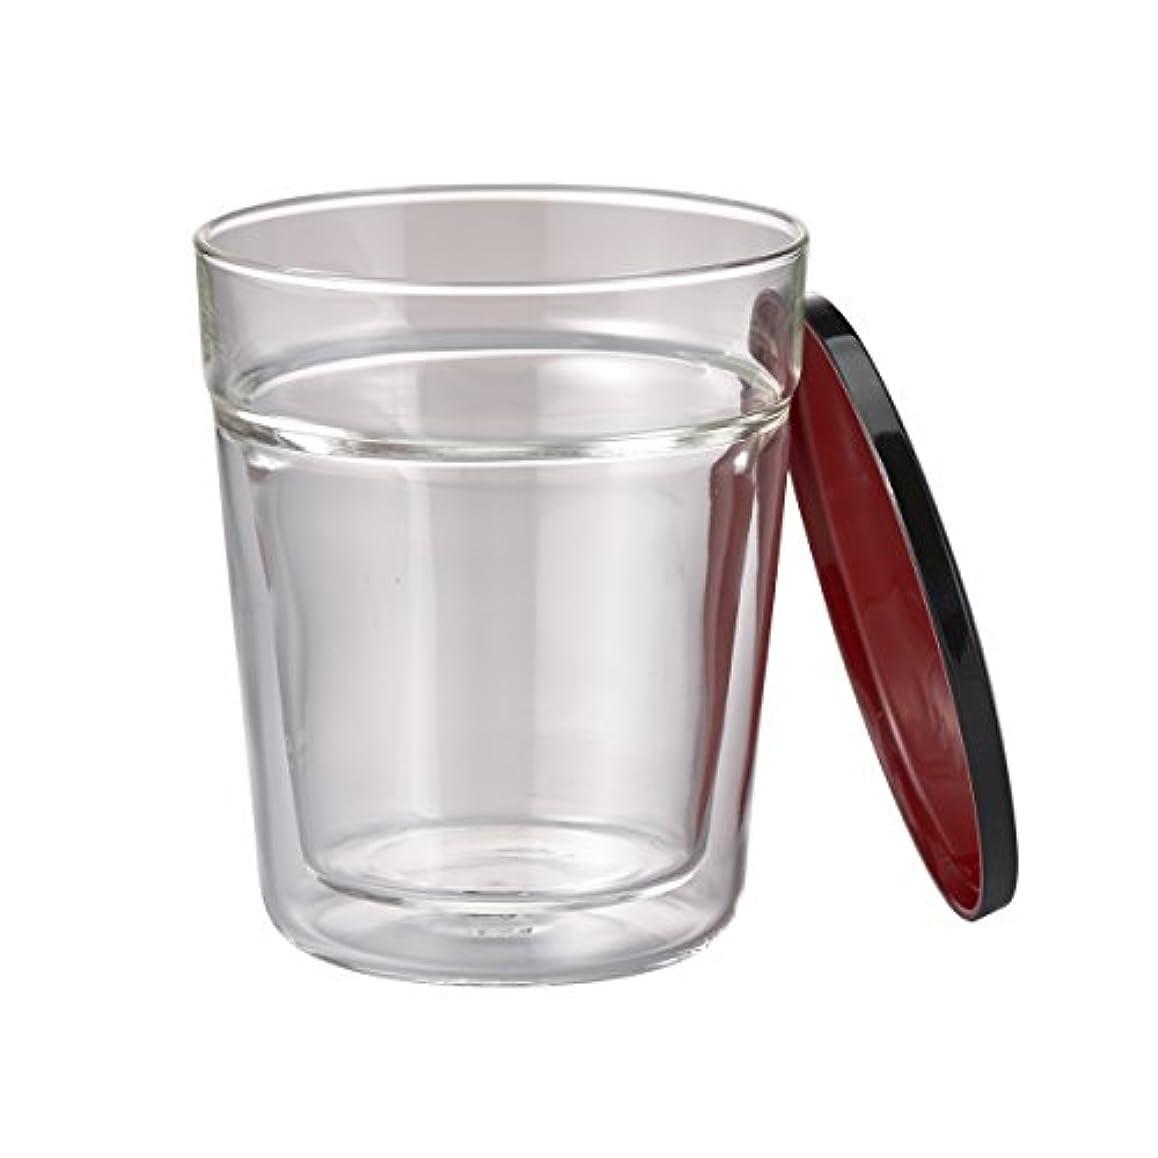 申し立てる対角線効率的にHARIO(ハリオ) ガラスのヒレ酒カップ1合用 GHK-180